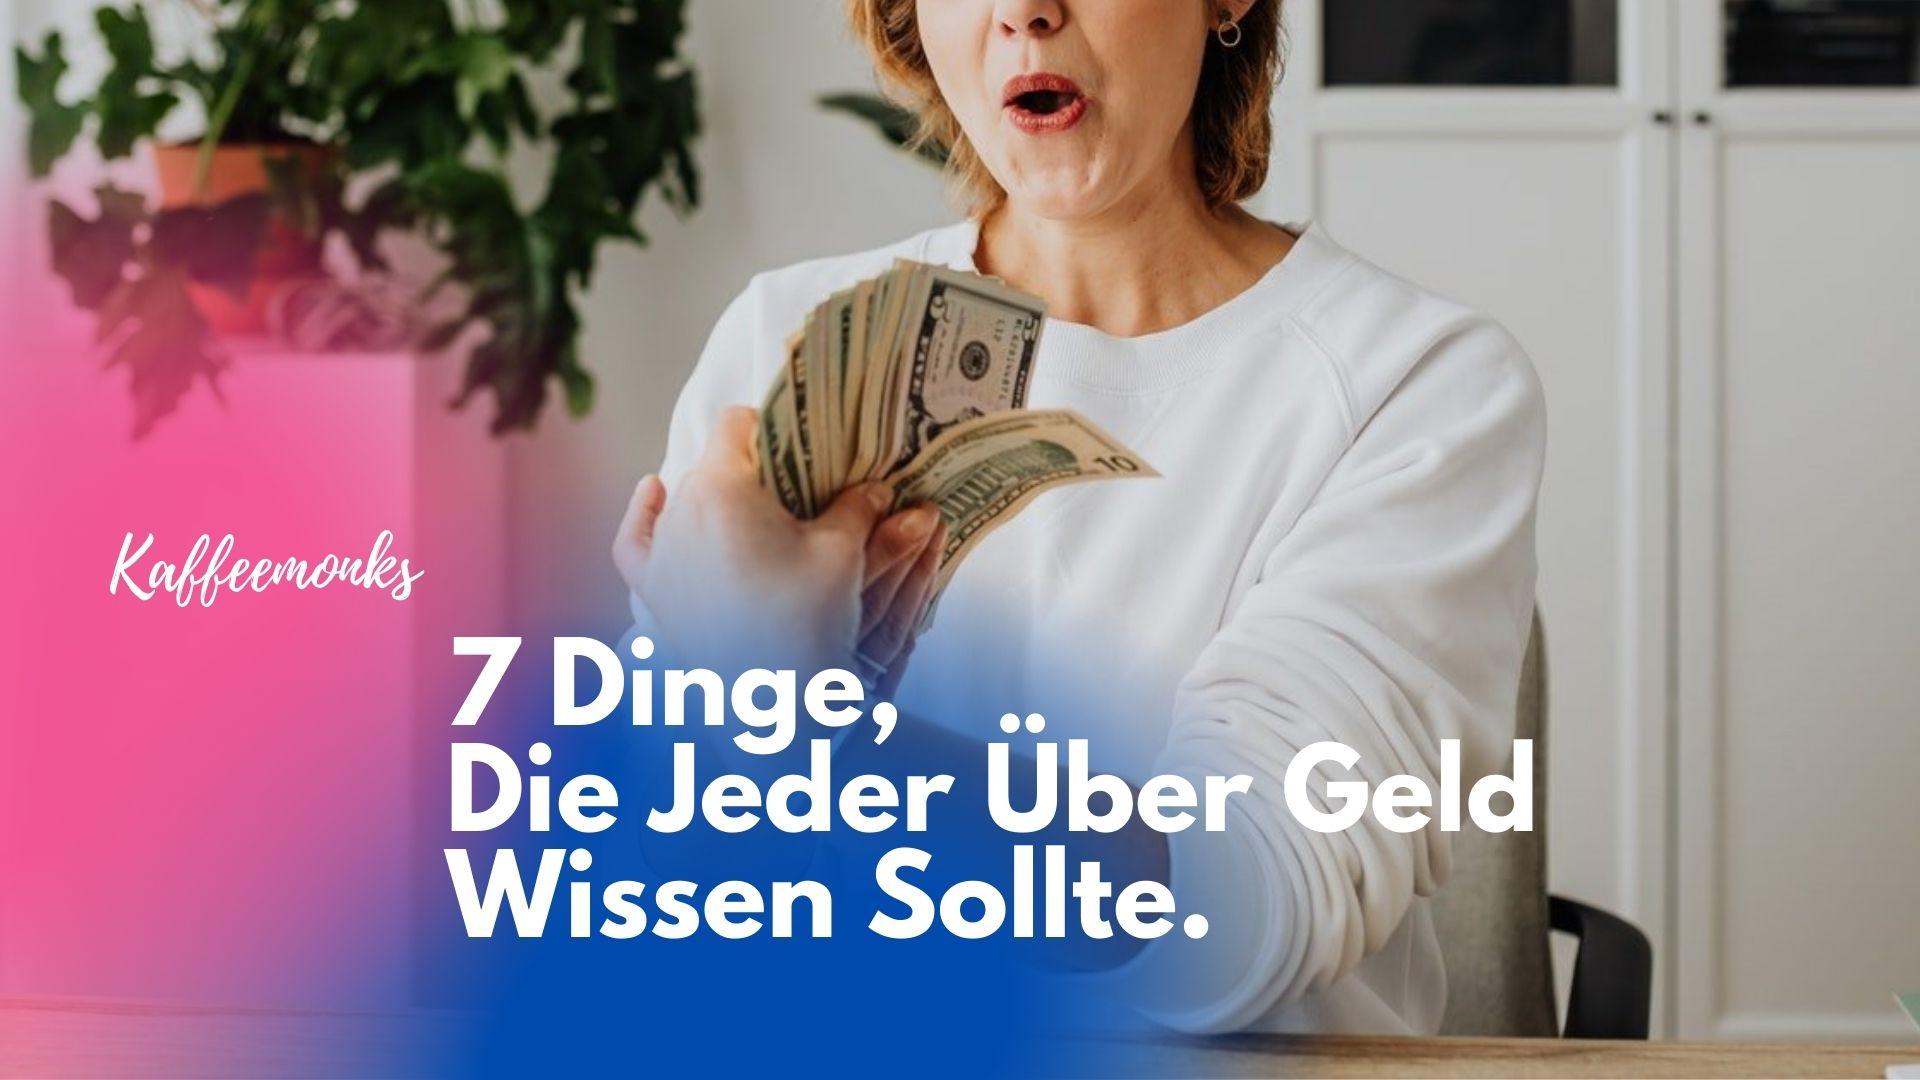 You are currently viewing 7 DINGE DIE JEDER ÜBER GELD WISSEN SOLLTE